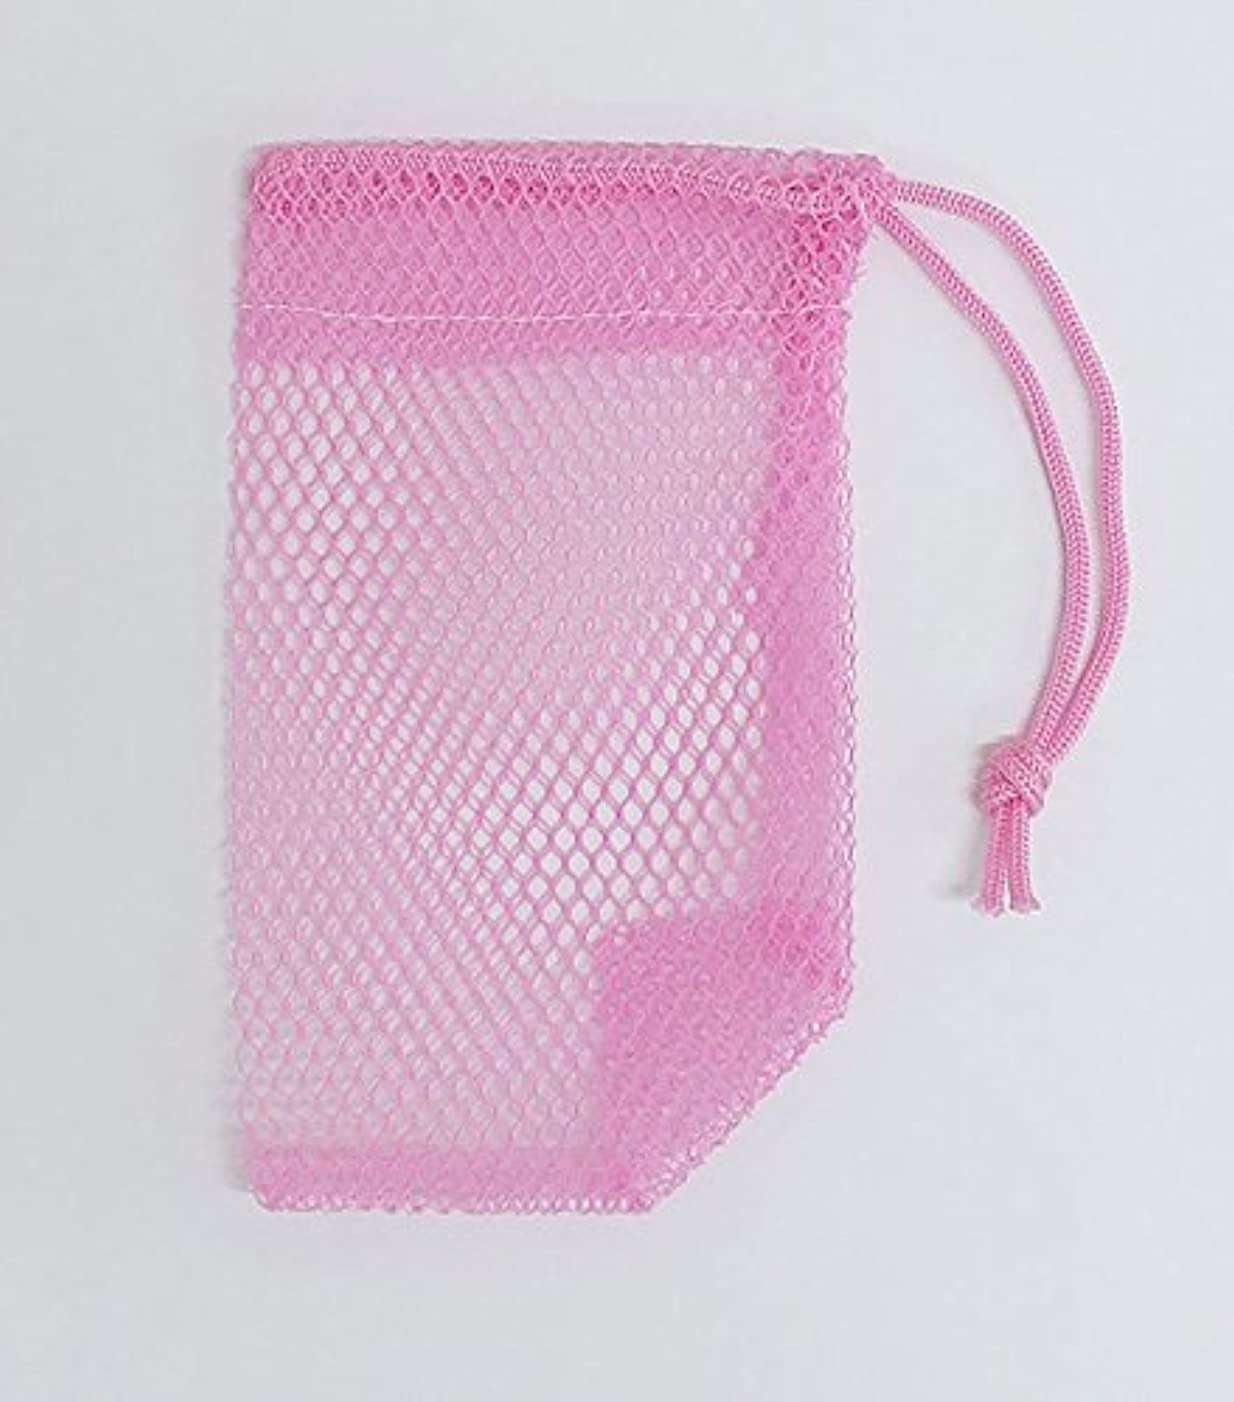 状態消化器あからさま石けんネット ひもタイプ 20枚組  ピンク